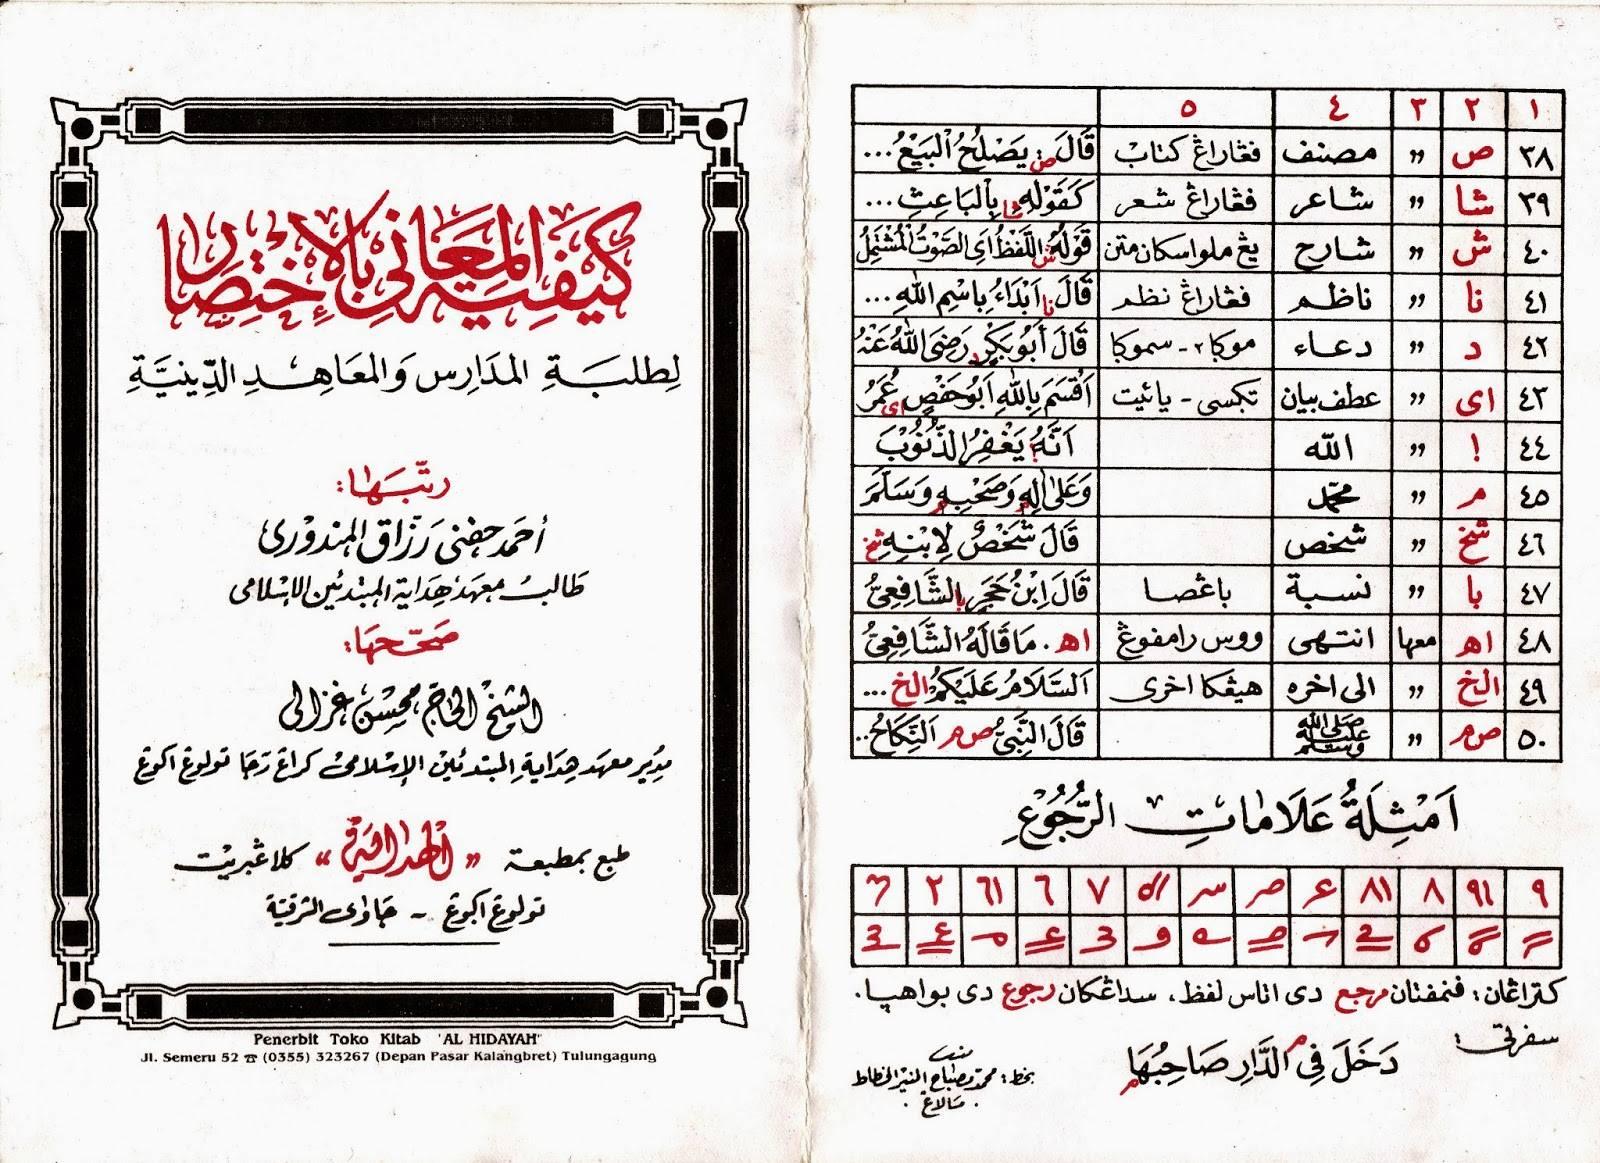 Kamus Santri Salafi Versi Kitab Kuning Jawa Indonesia